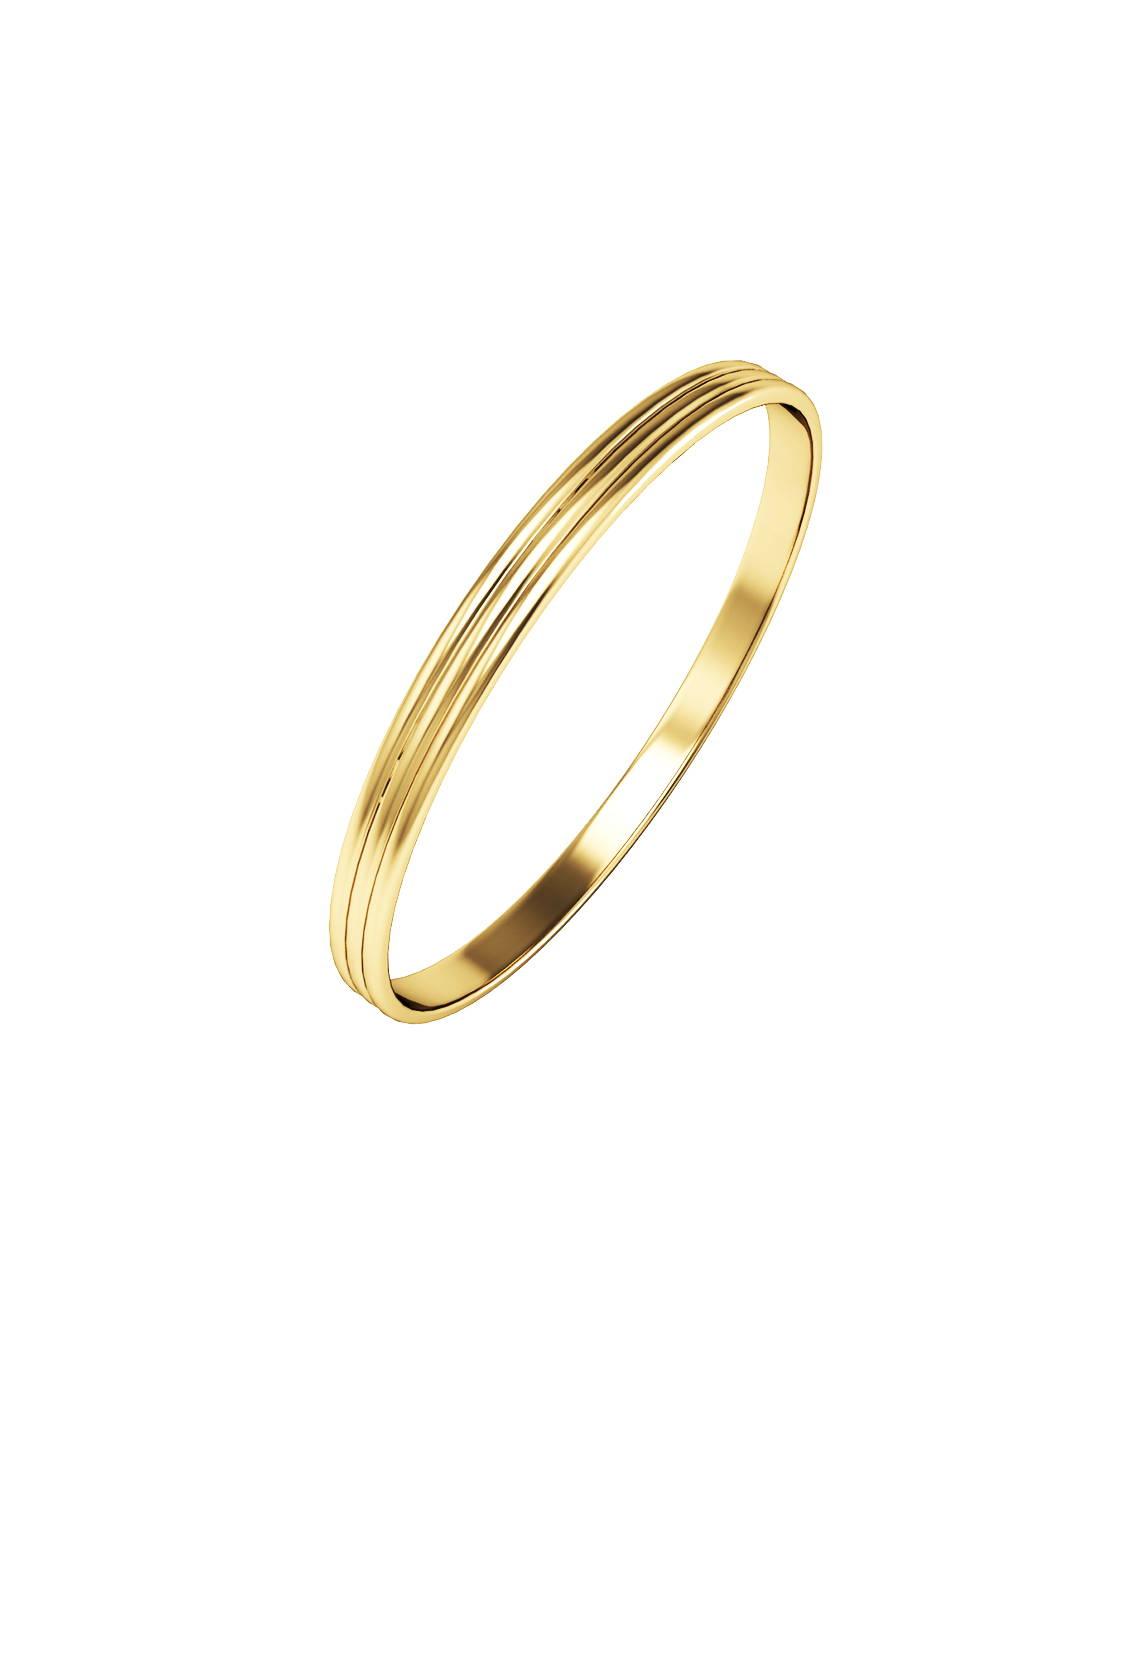 https://deloison-paris.com/products/alliance-julia?variant=31140879958058